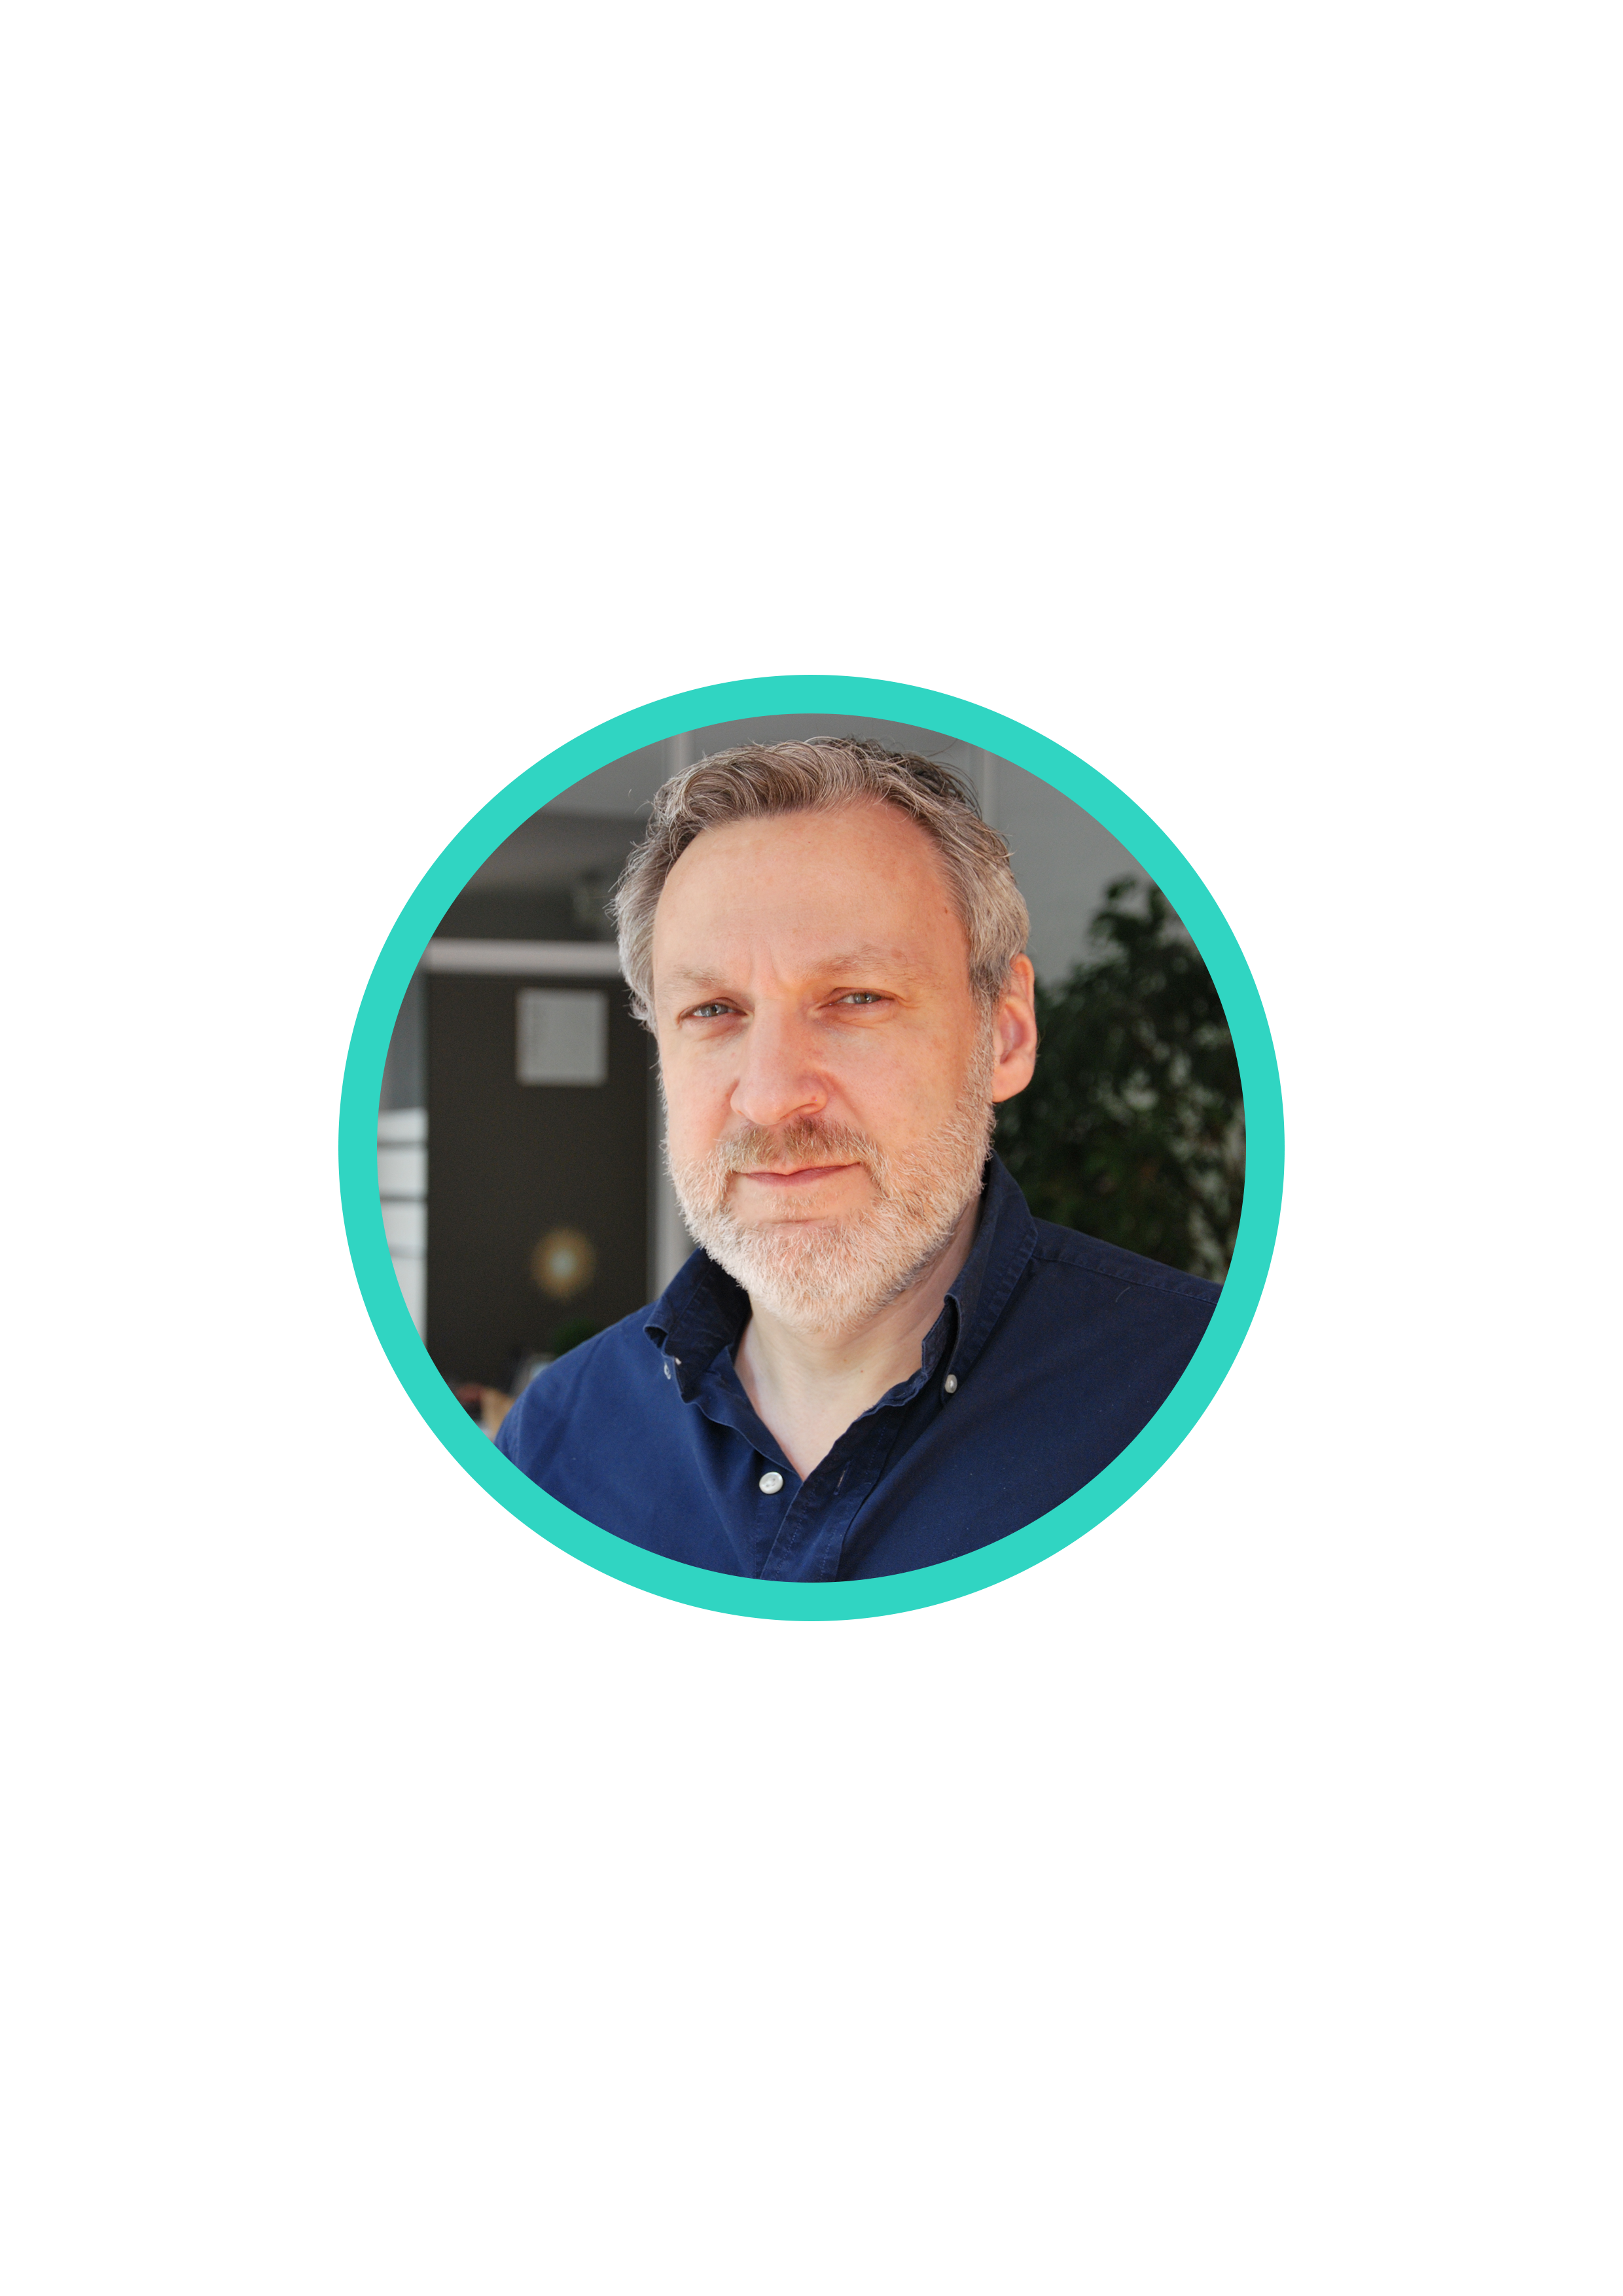 Marc - Chief Technology Officer   L'antipathique sympathique, responsable de notre  roadmap  technologique et créateur de notre intelligence artificielle ! Son style social :  #diplomat #mediator   Suivez-le sur  #twitter  et  LinkedIn  !  #roadmap #ai #digitalstrategy #startupper